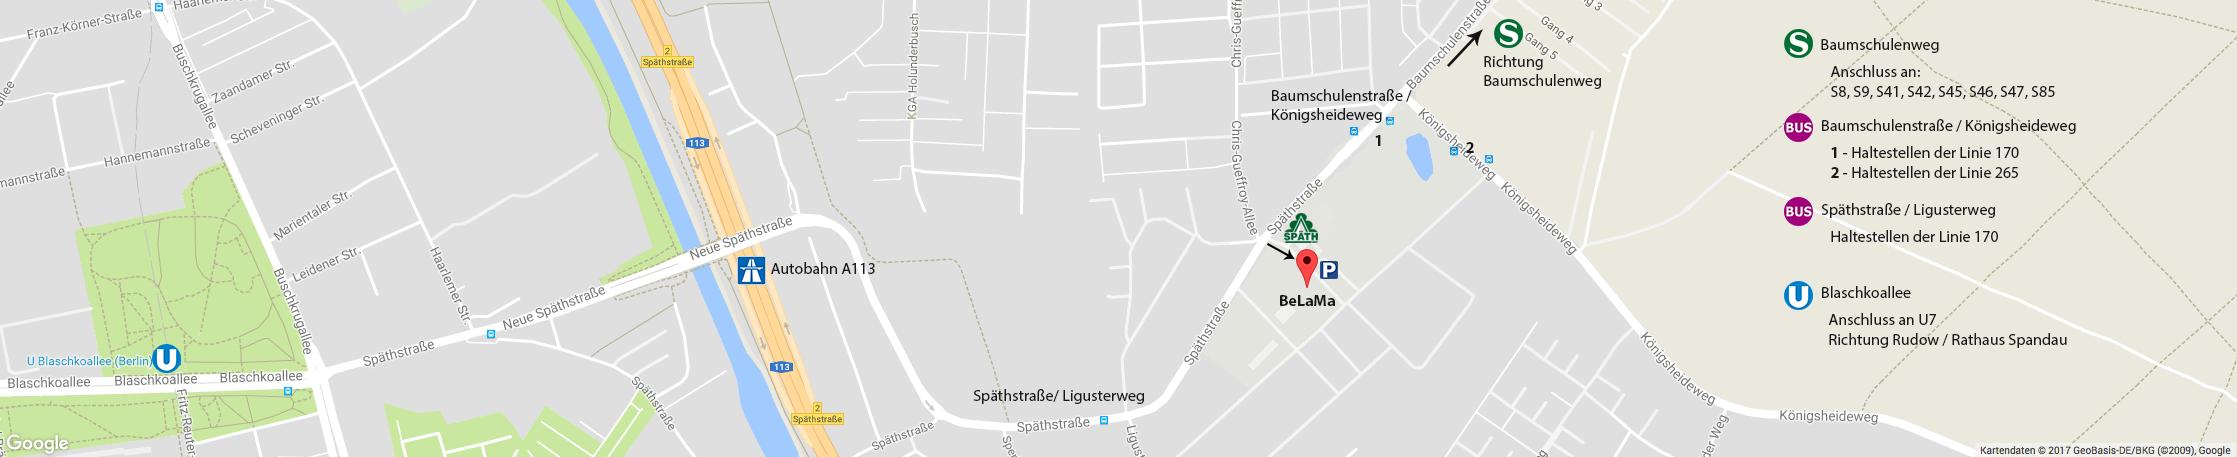 BeLaMa Filiale Berlin Anfahrt Google Maps